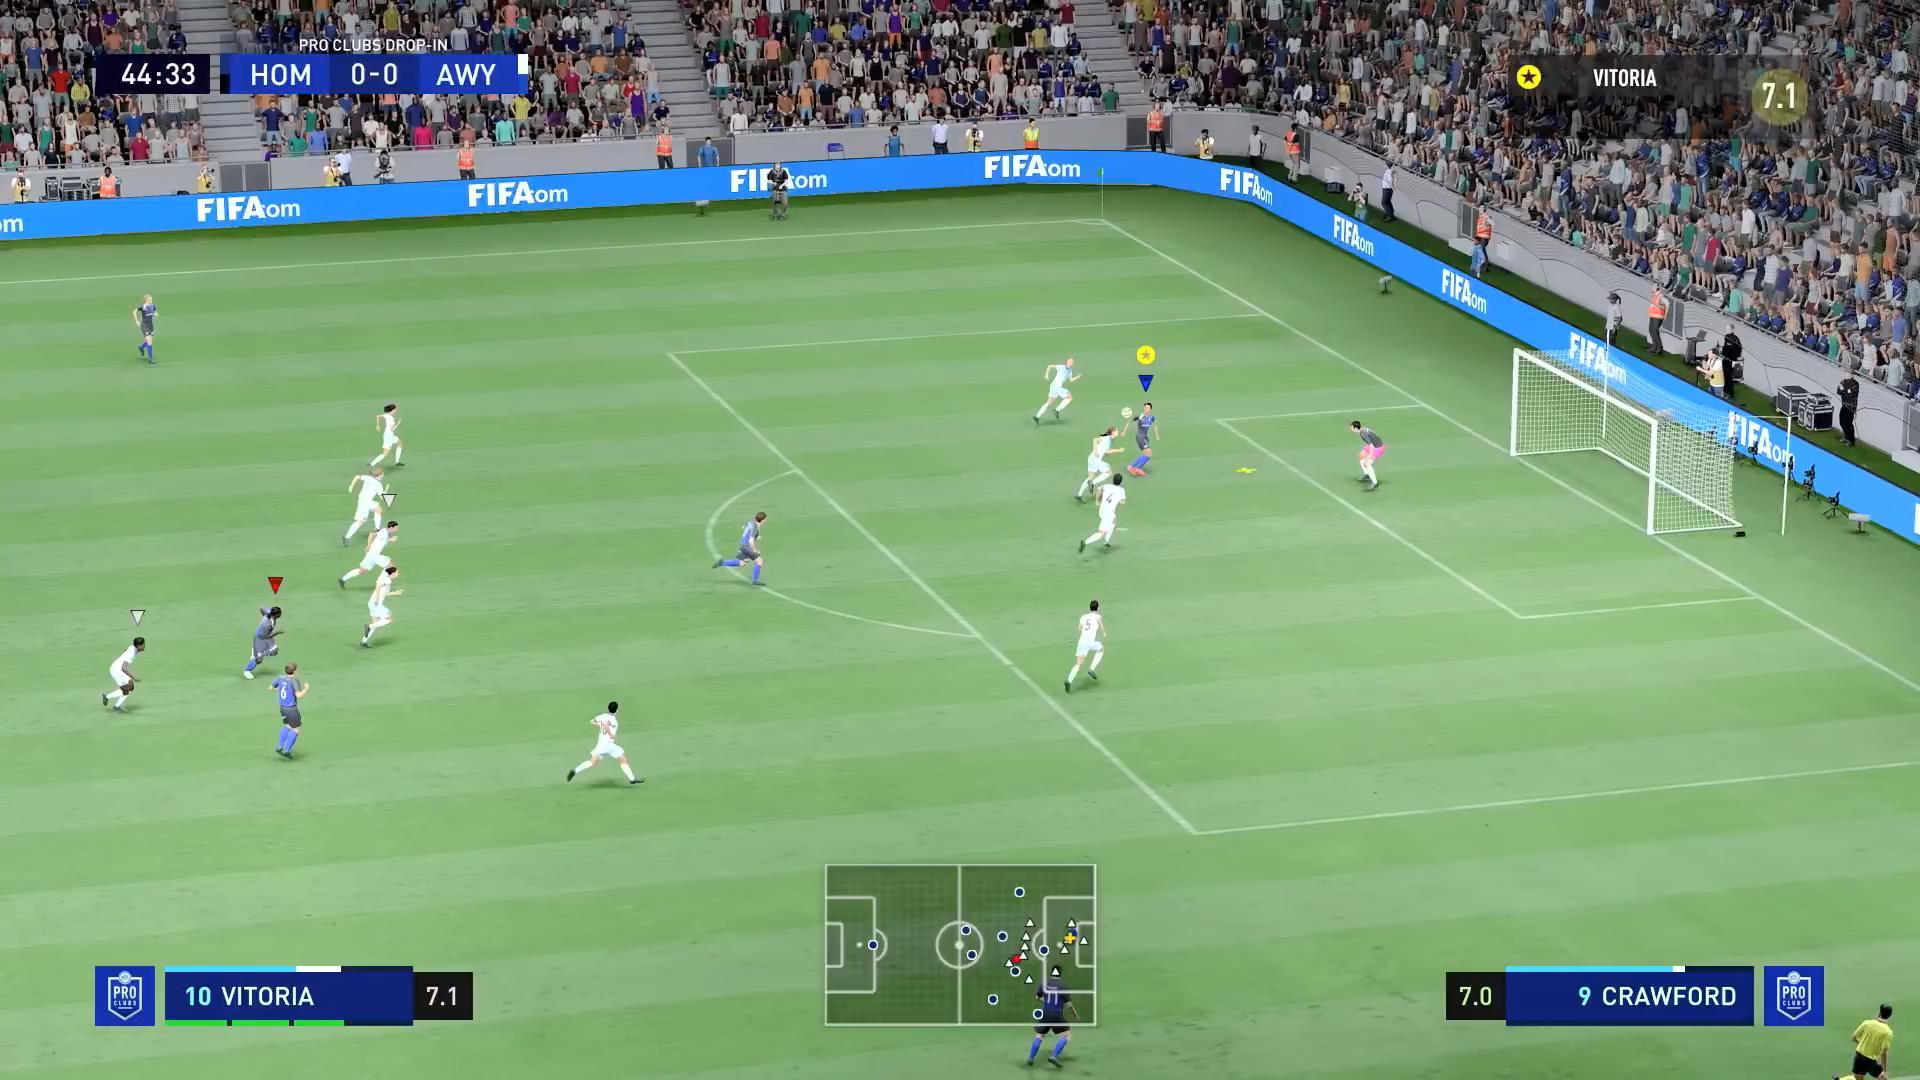 《FIFA 22》职业俱乐部玩法预告 组建俱乐部召集球队